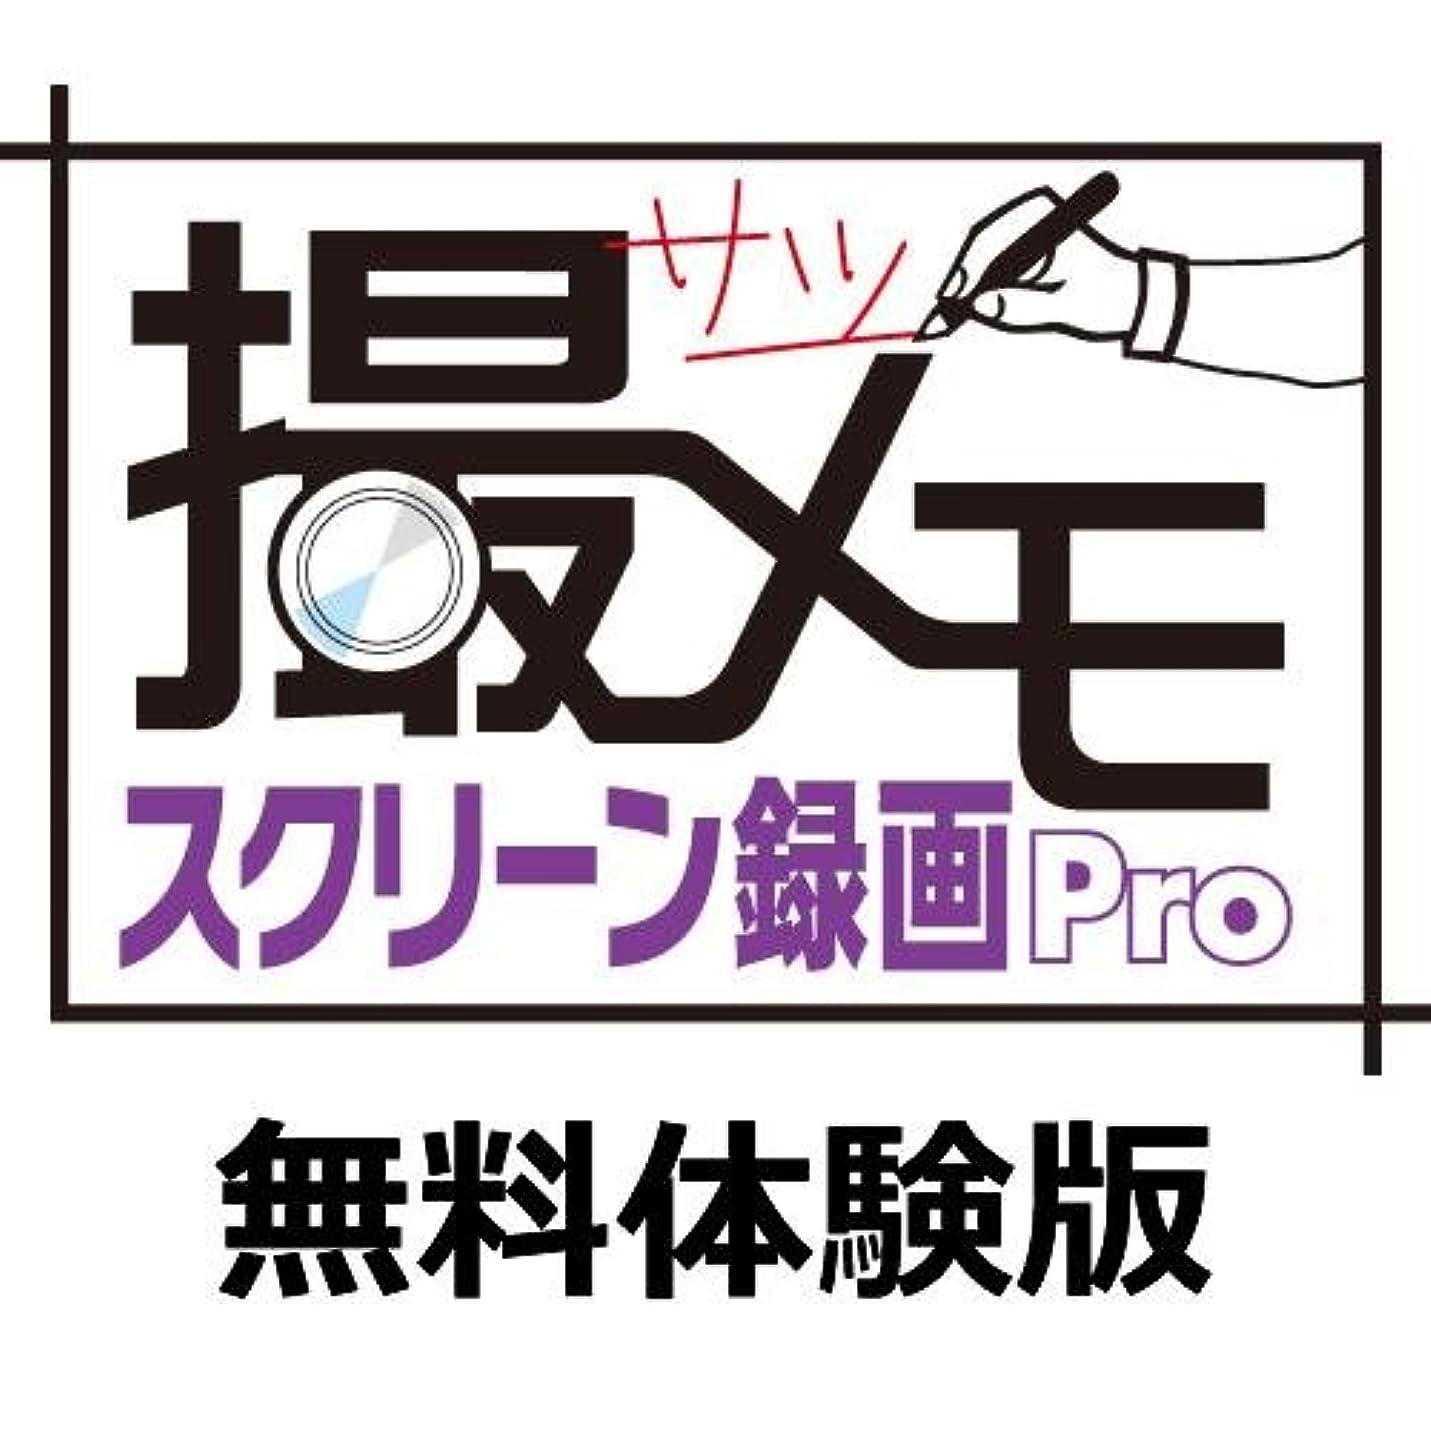 ブレンド予測アグネスグレイ撮メモ スクリーン録画 Pro 無料体験版 [ダウンロード]